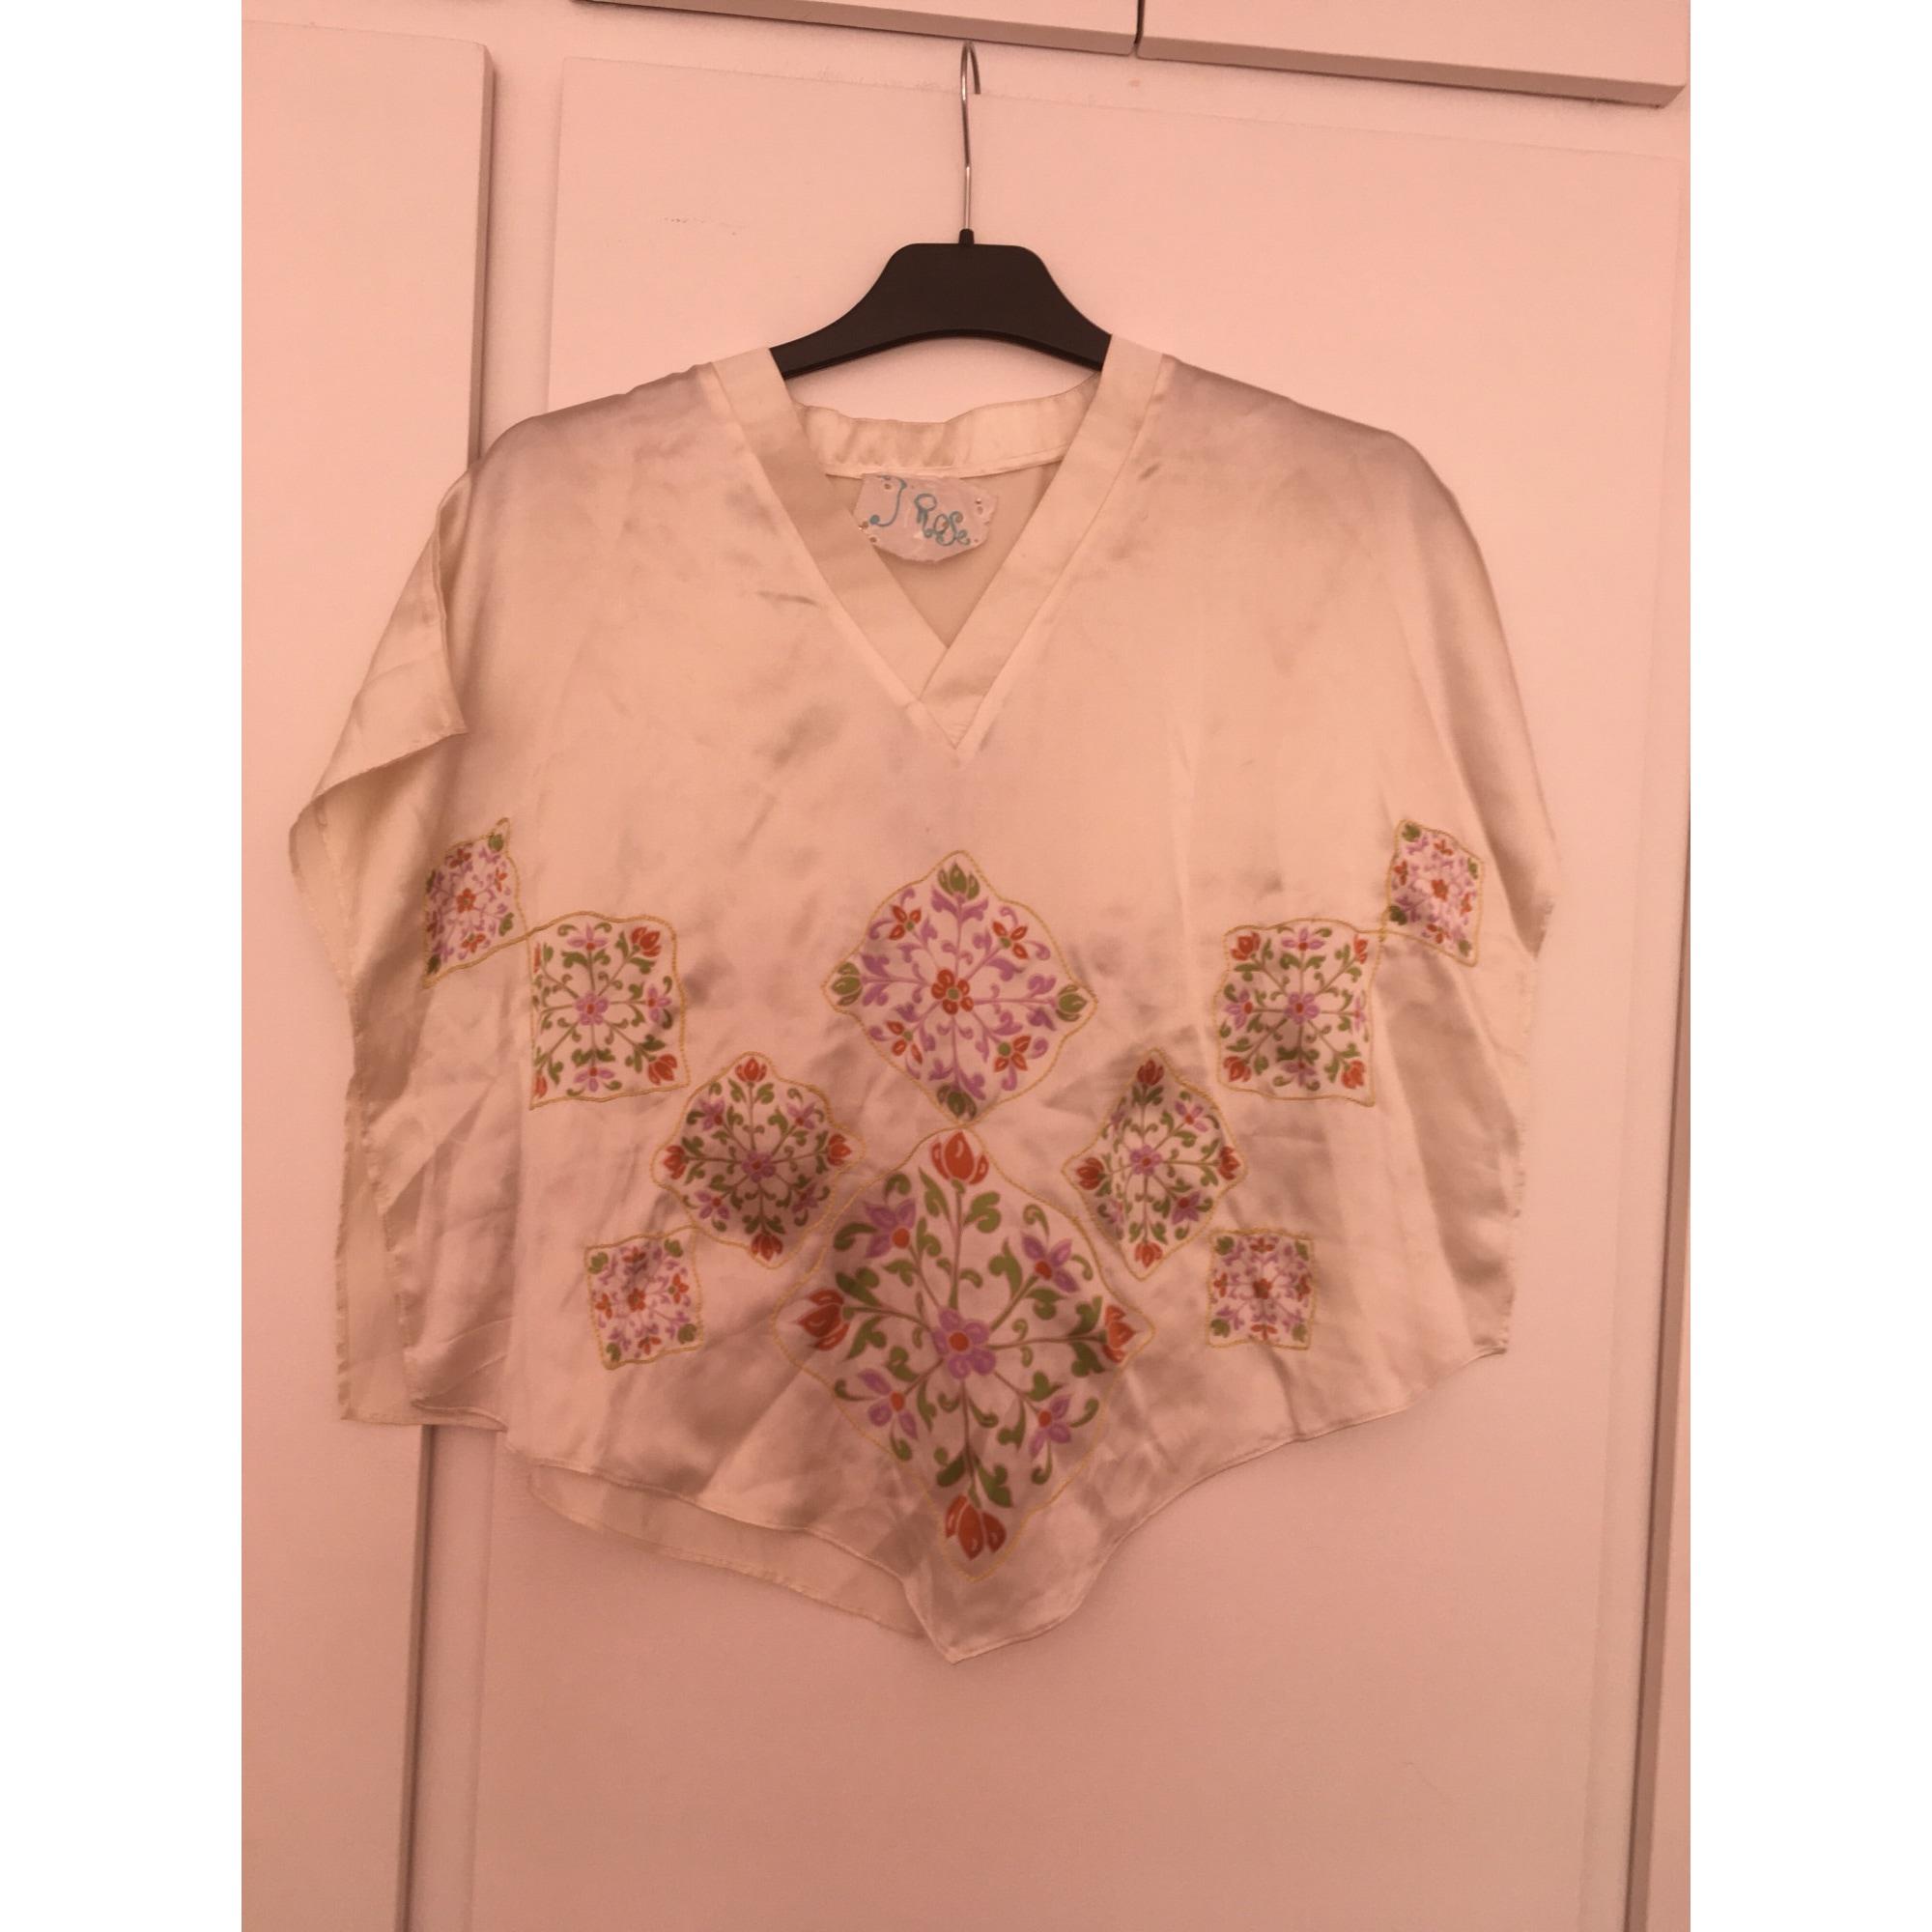 Top, tee-shirt INDIAN ROSE Blanc, blanc cassé, écru